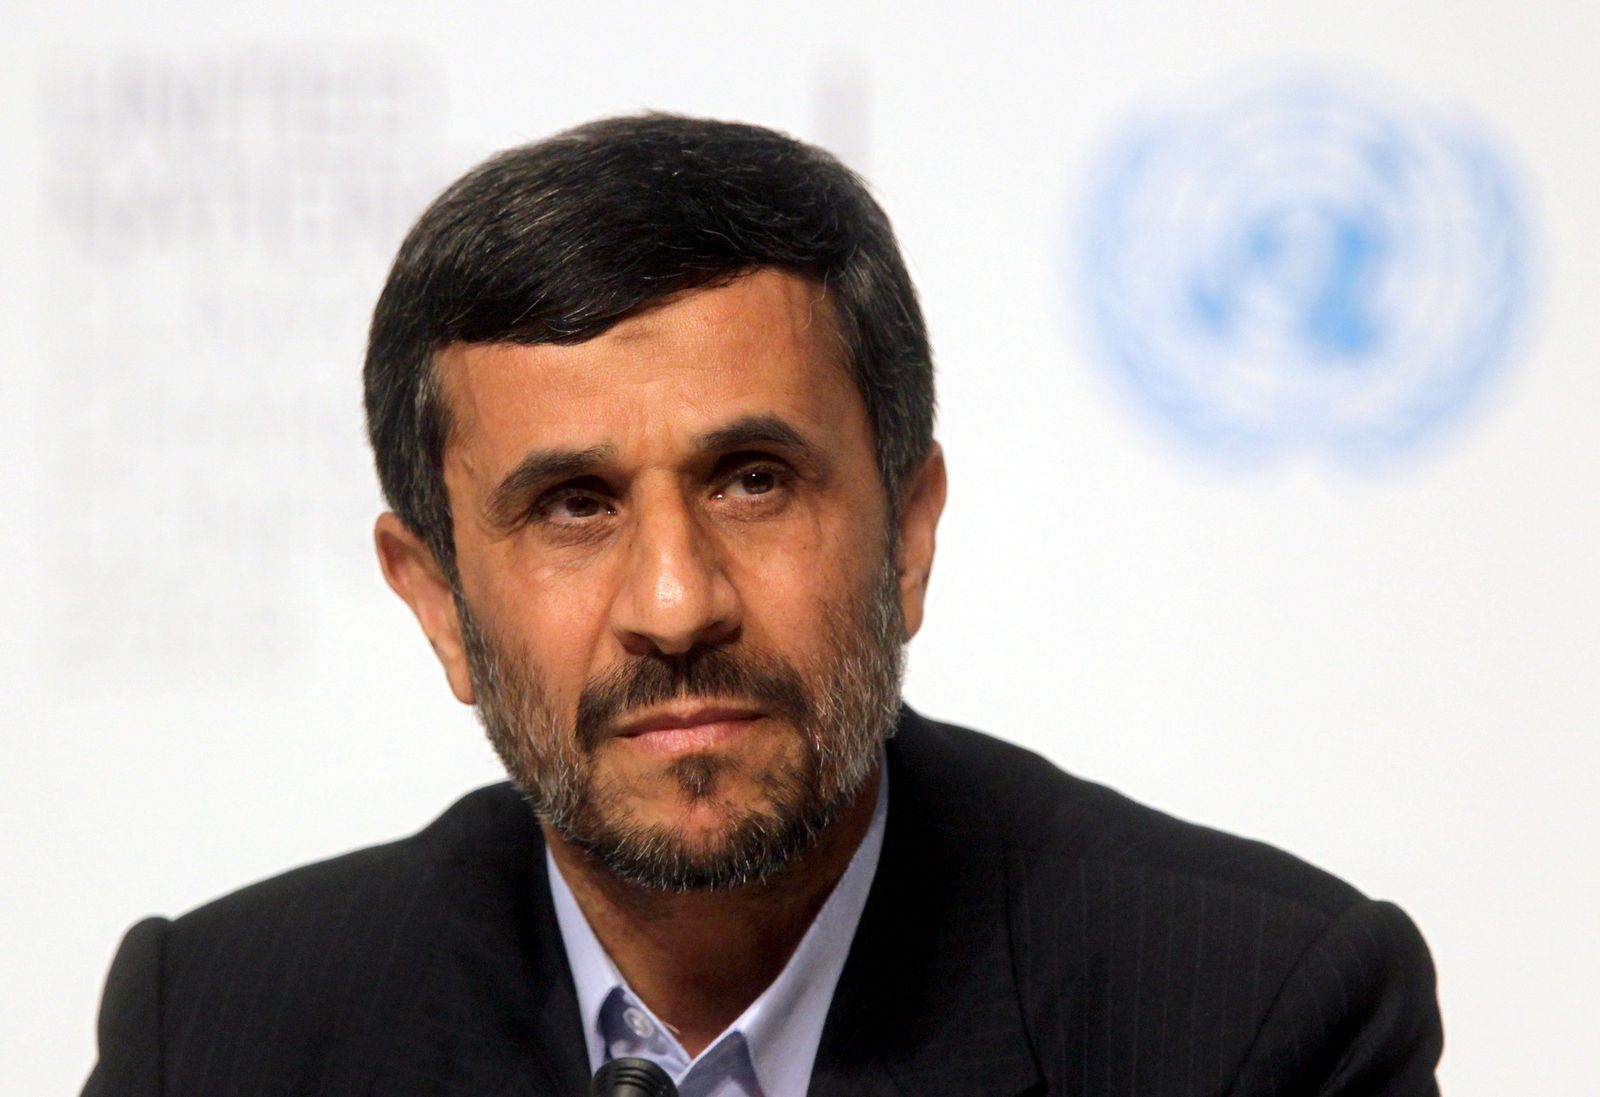 Ahmadinedschad